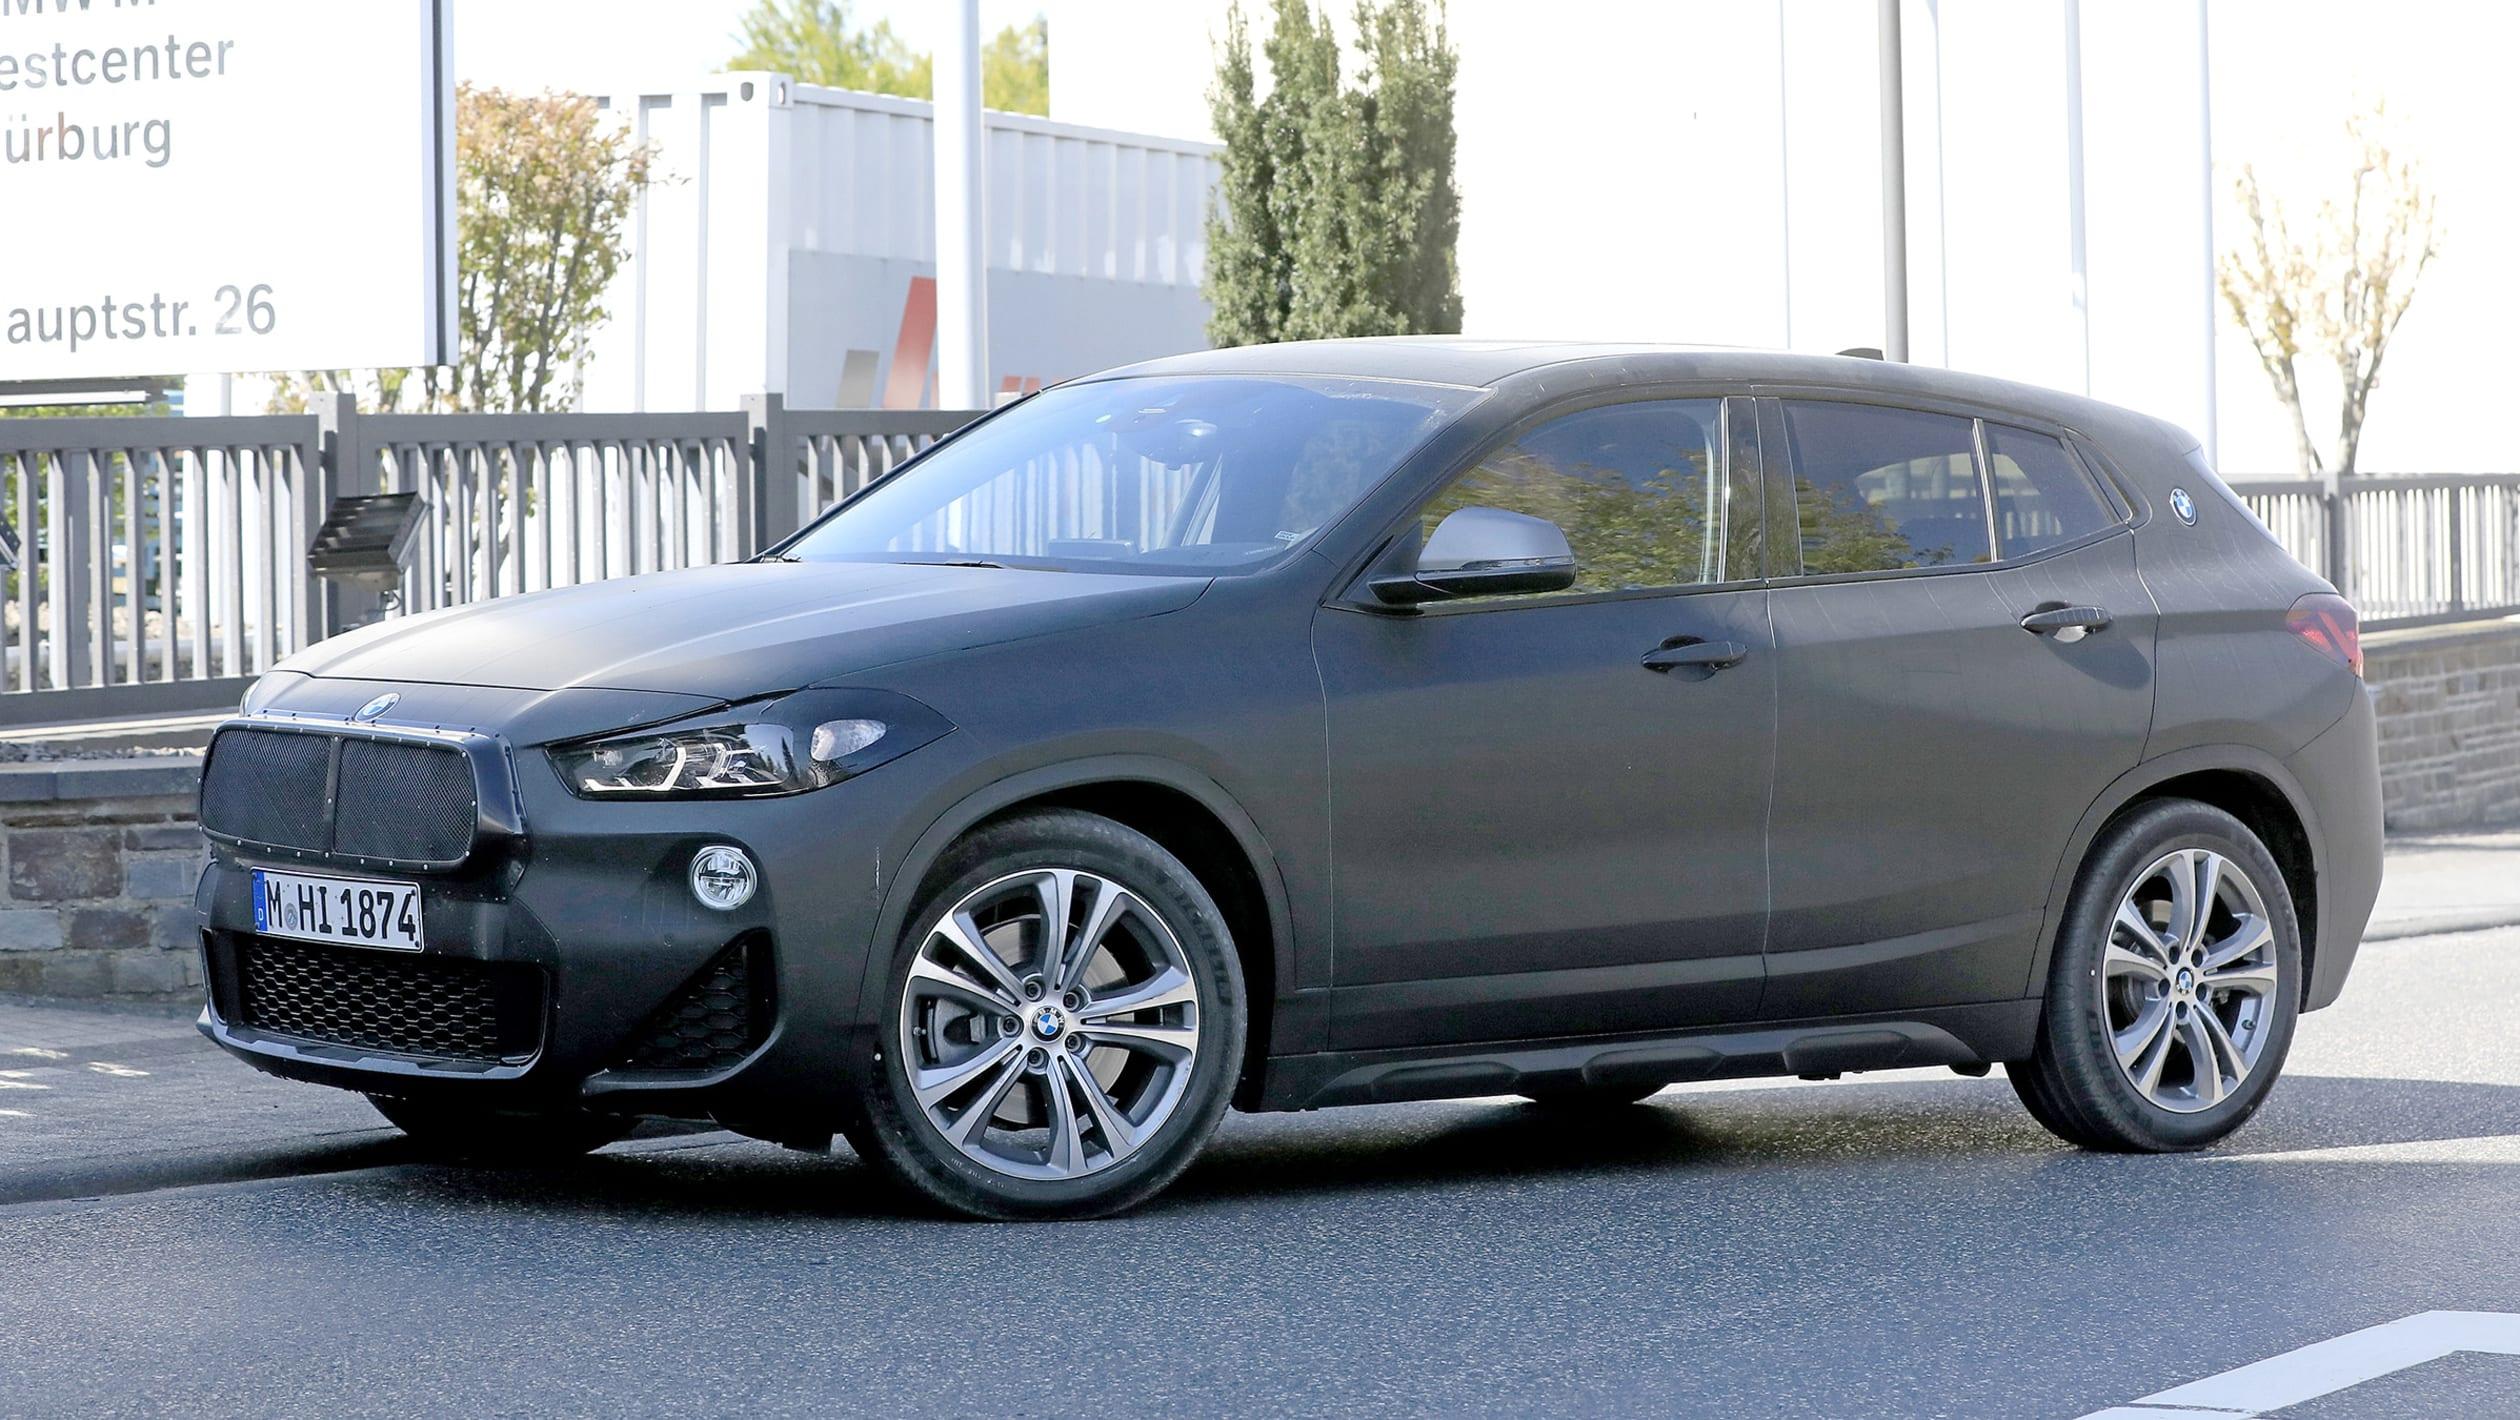 2017 - [BMW] X2 [F39] - Page 16 BMW%20X2%20spy%20shots-5